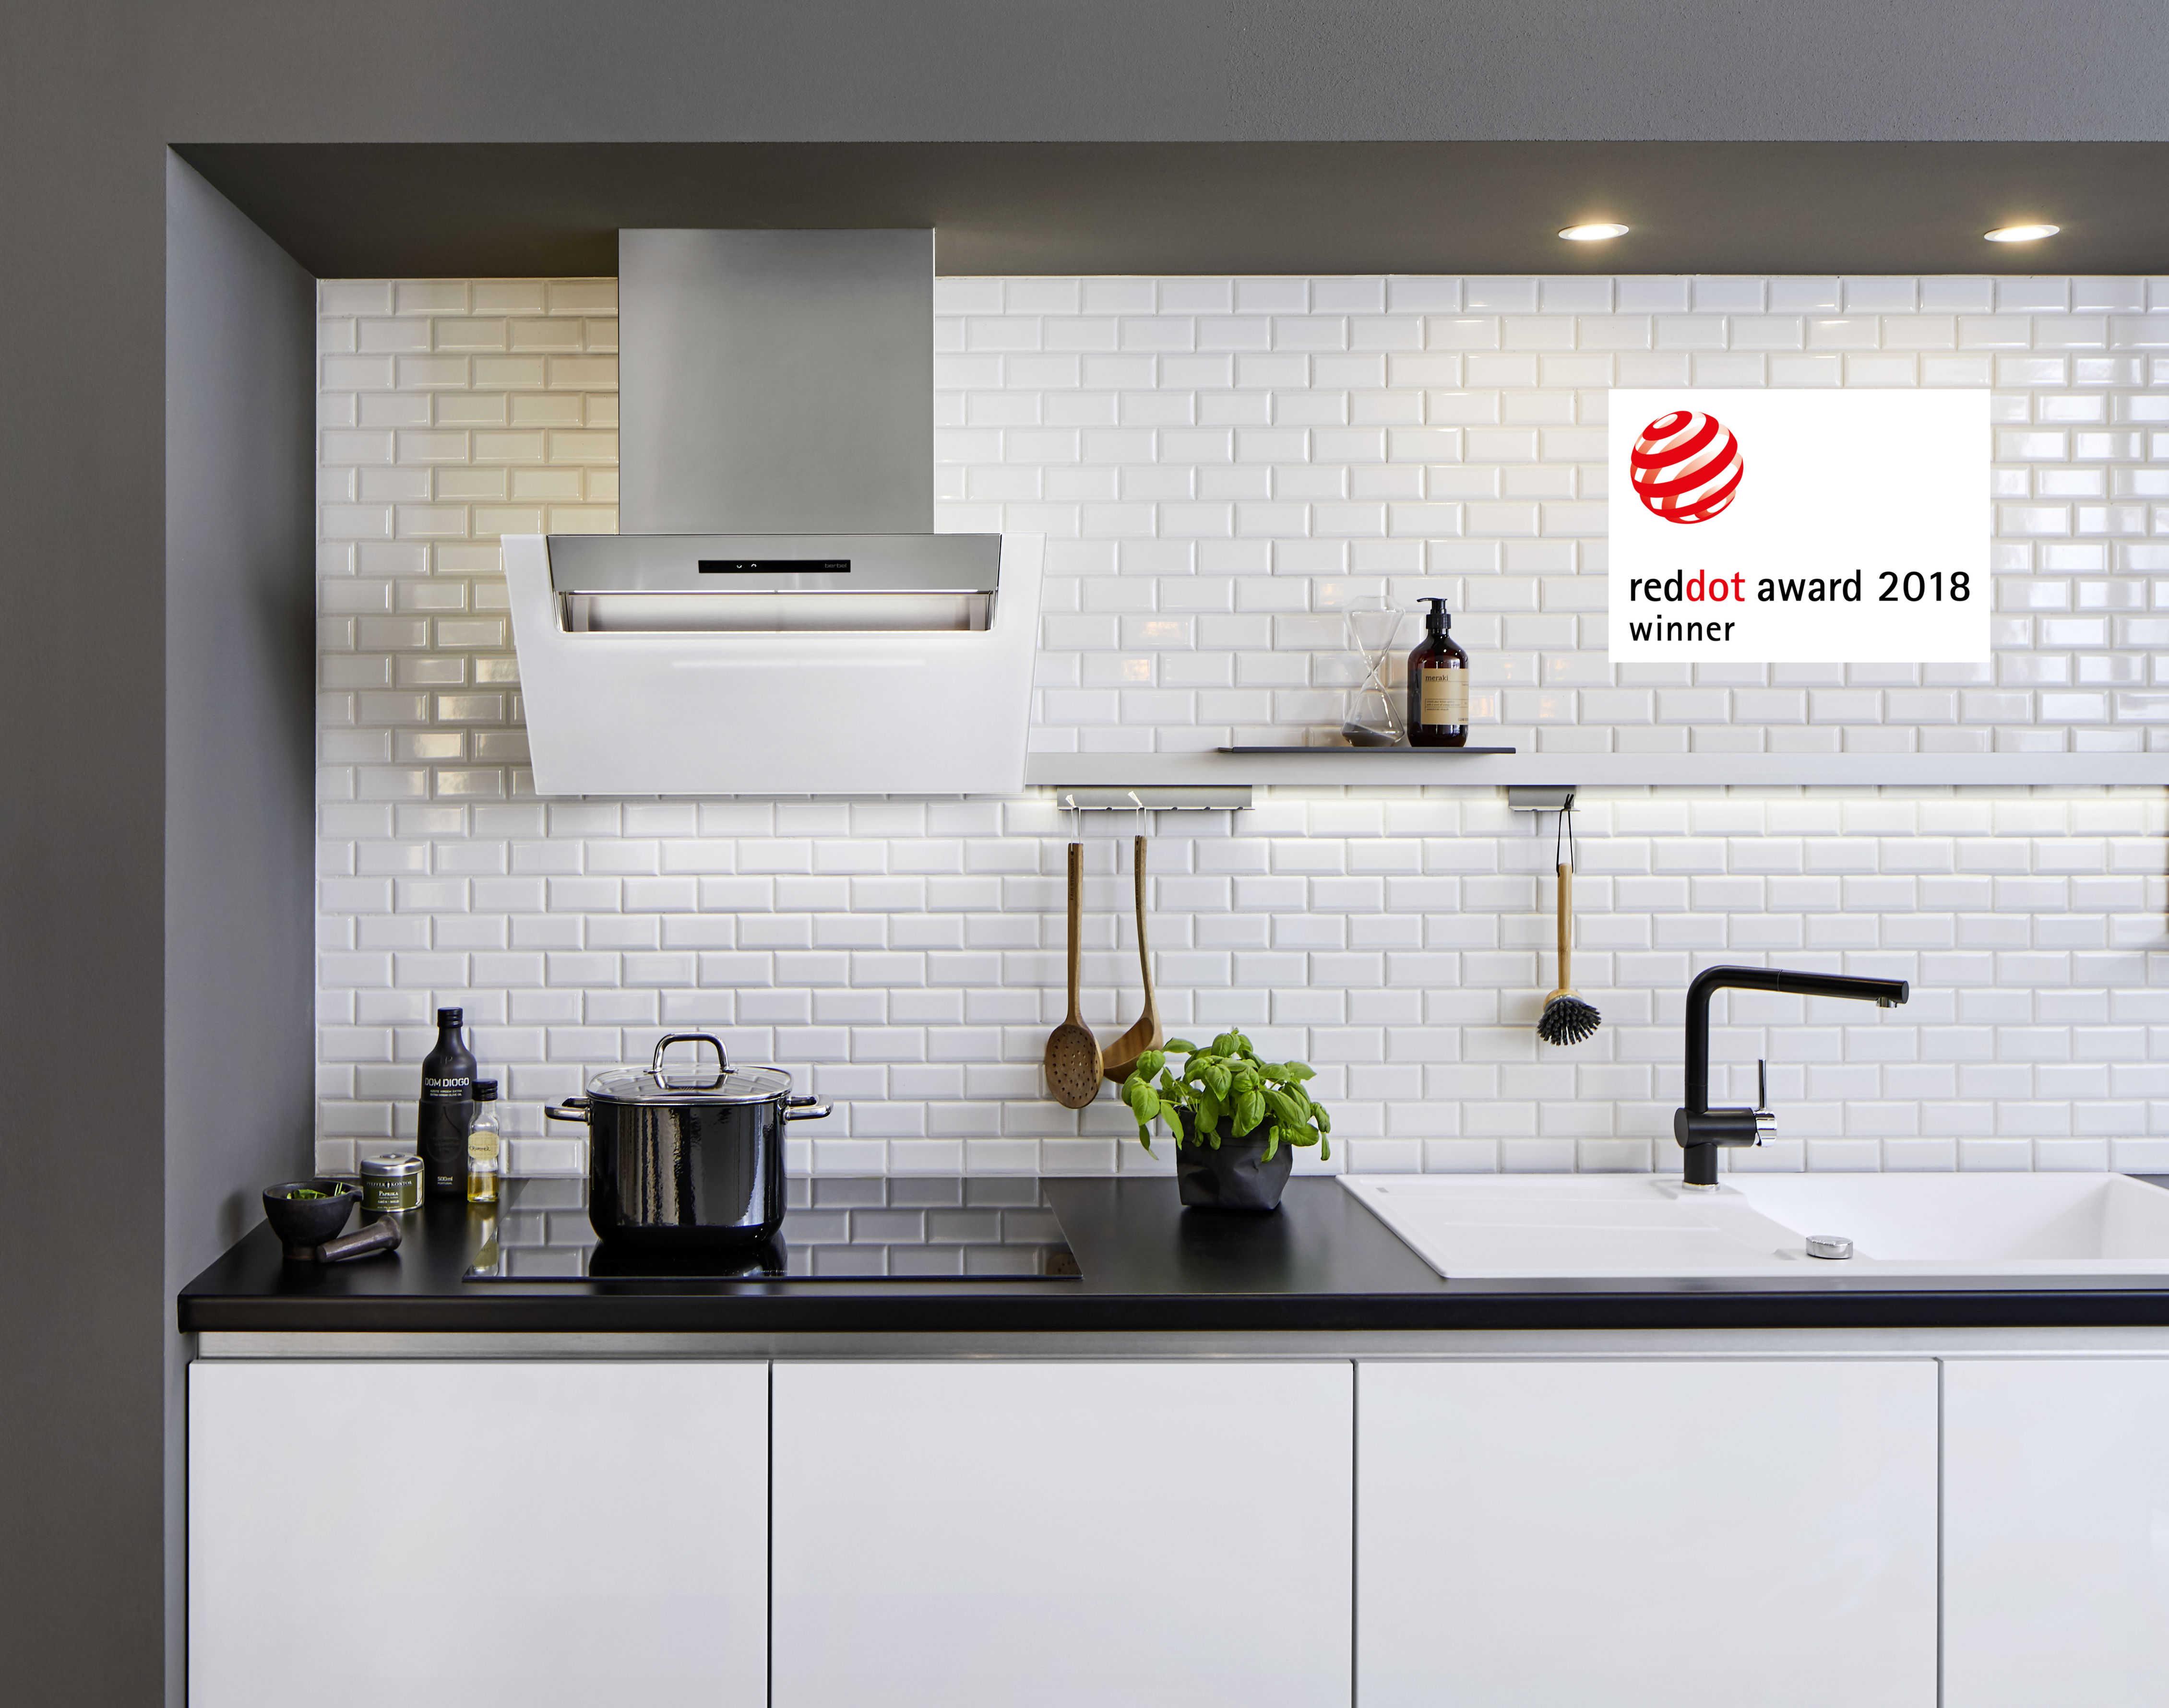 Berbel Receives Red Dot Design Award 2018 Berbel